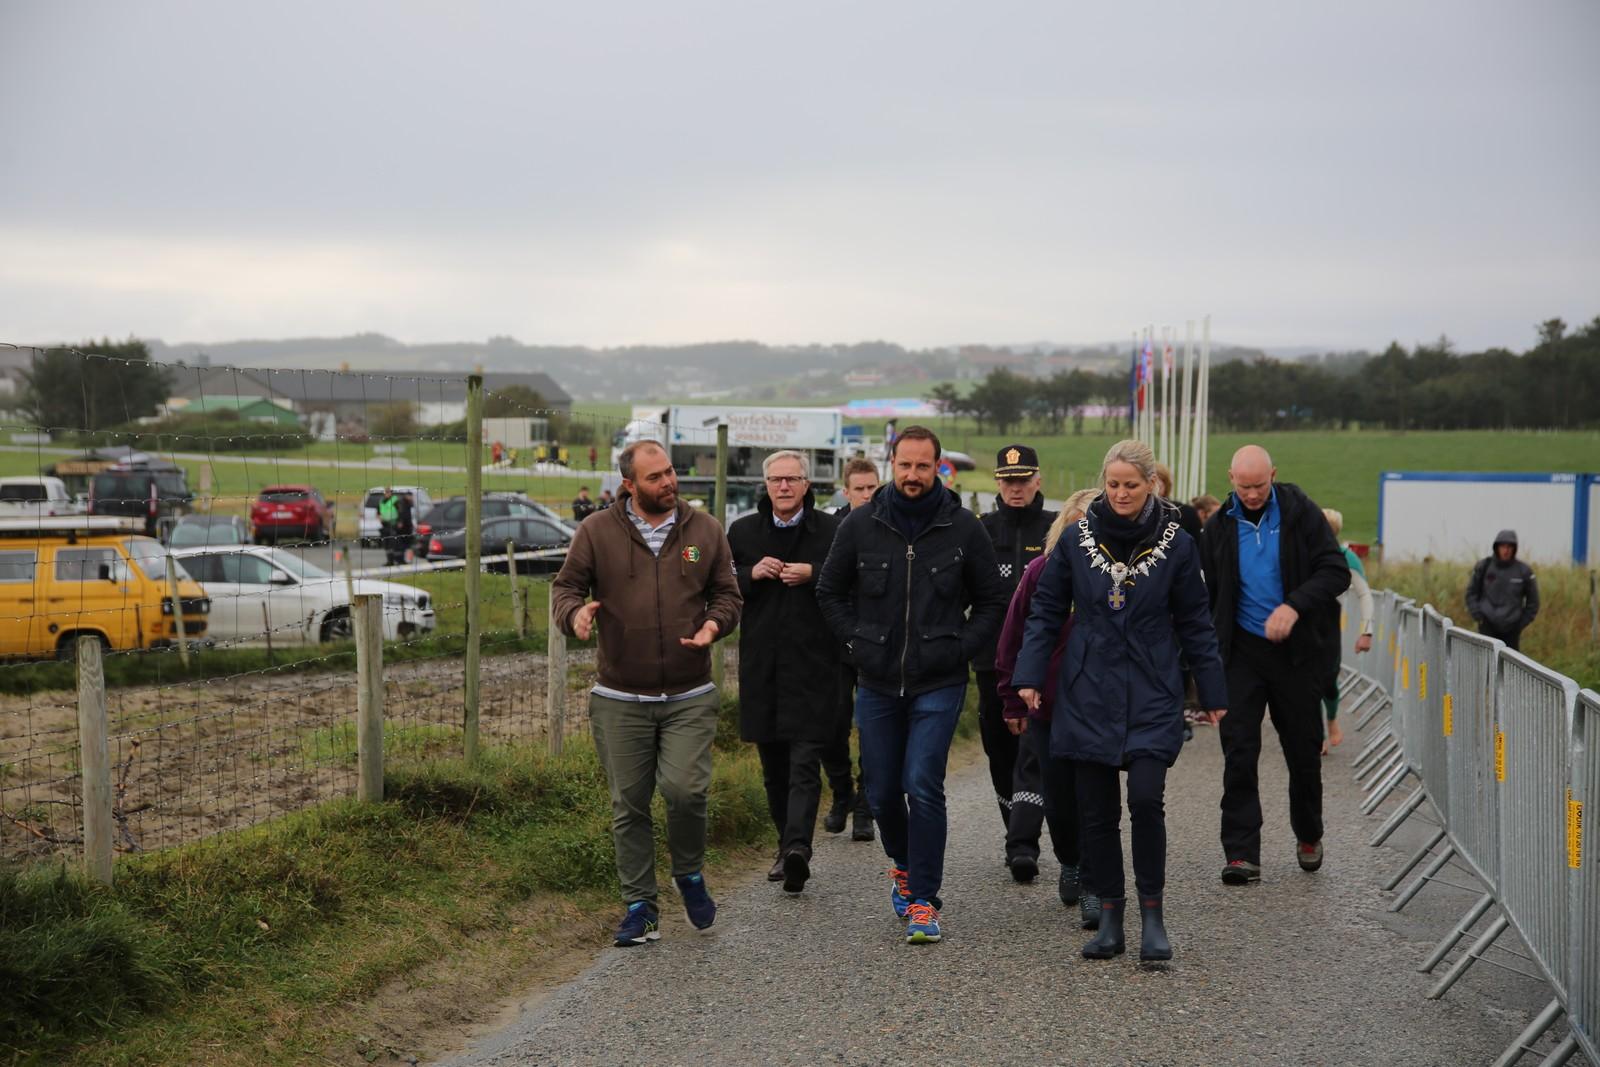 H.K.H Kronsprins Haakon Magnus på vei ned til Borestranden. Her i følge med Klepp-ordfører Ane Mari Braut Nese og leder av surfe-EM, Tore Kramer.